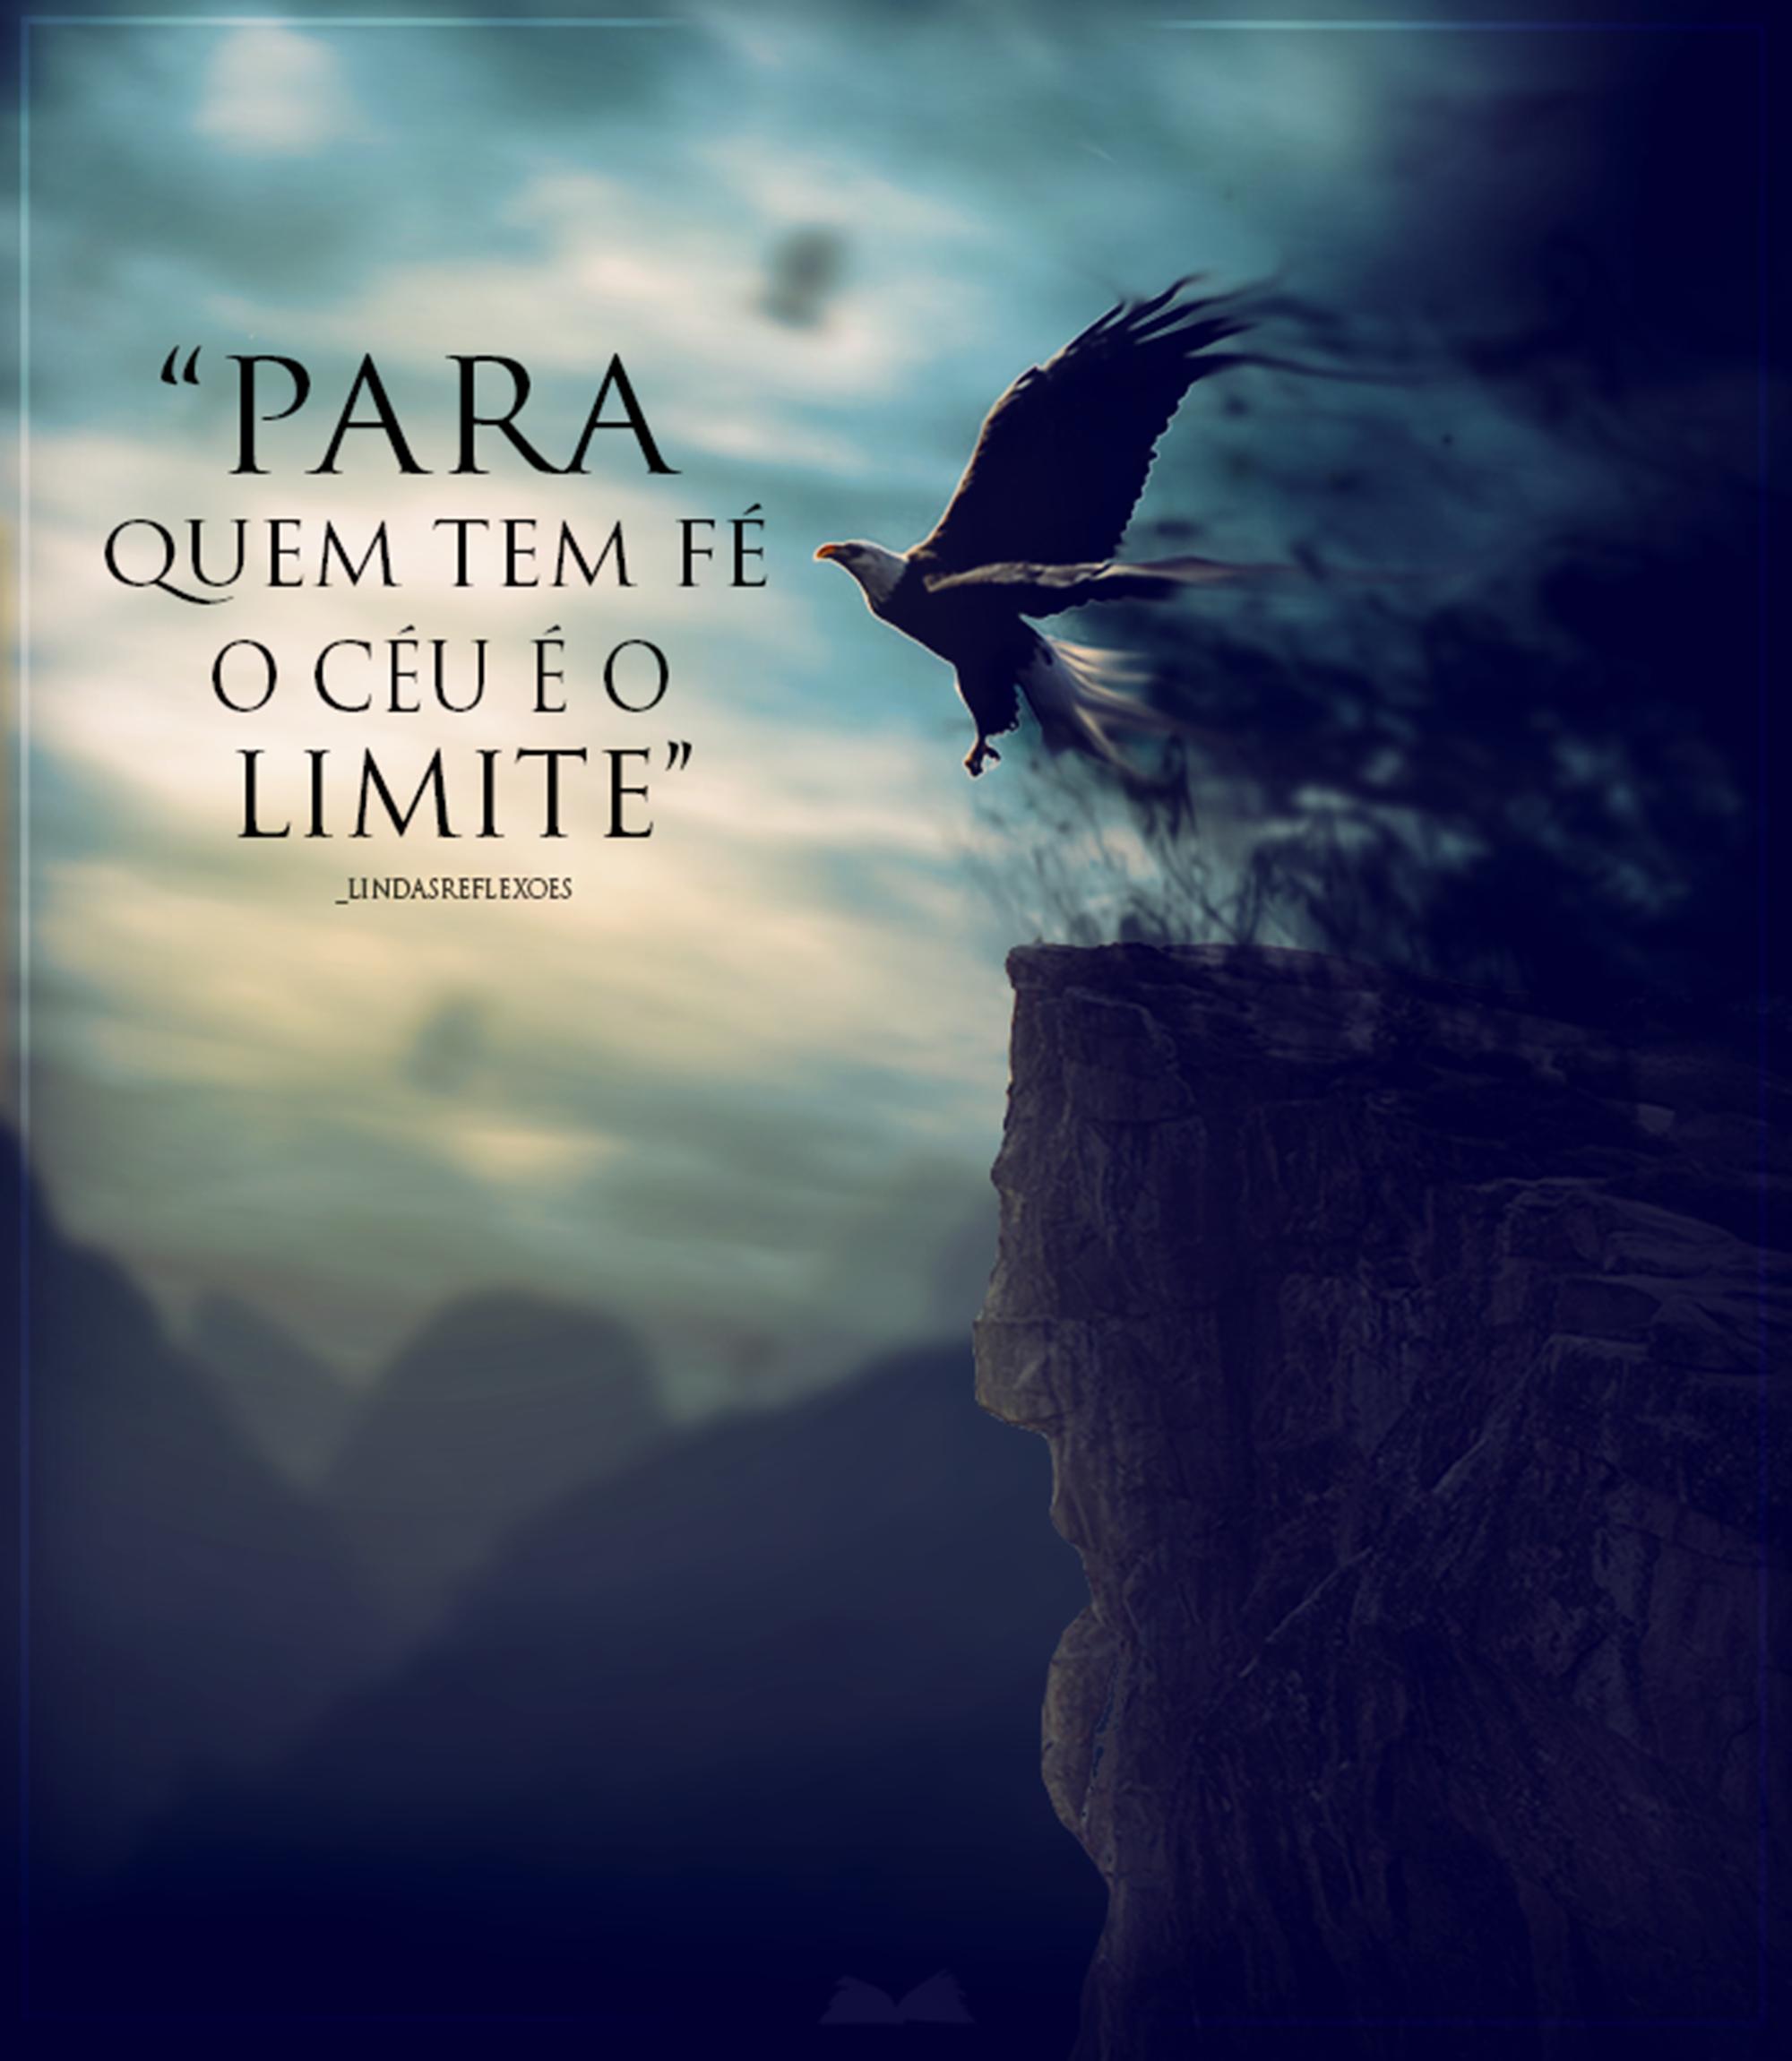 Para quem tem fé o céu é o limite!